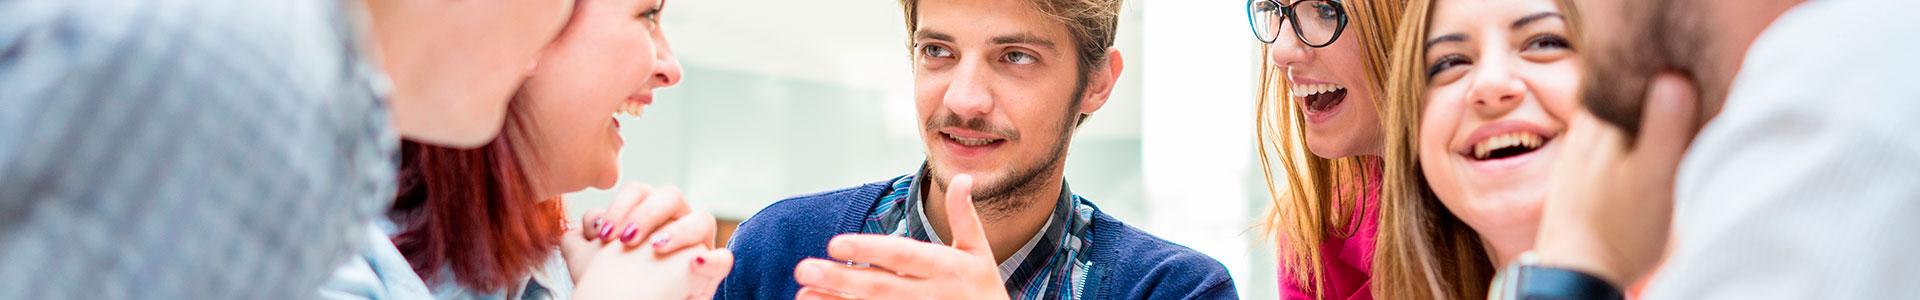 Admisiones para cursos de actualización profesional